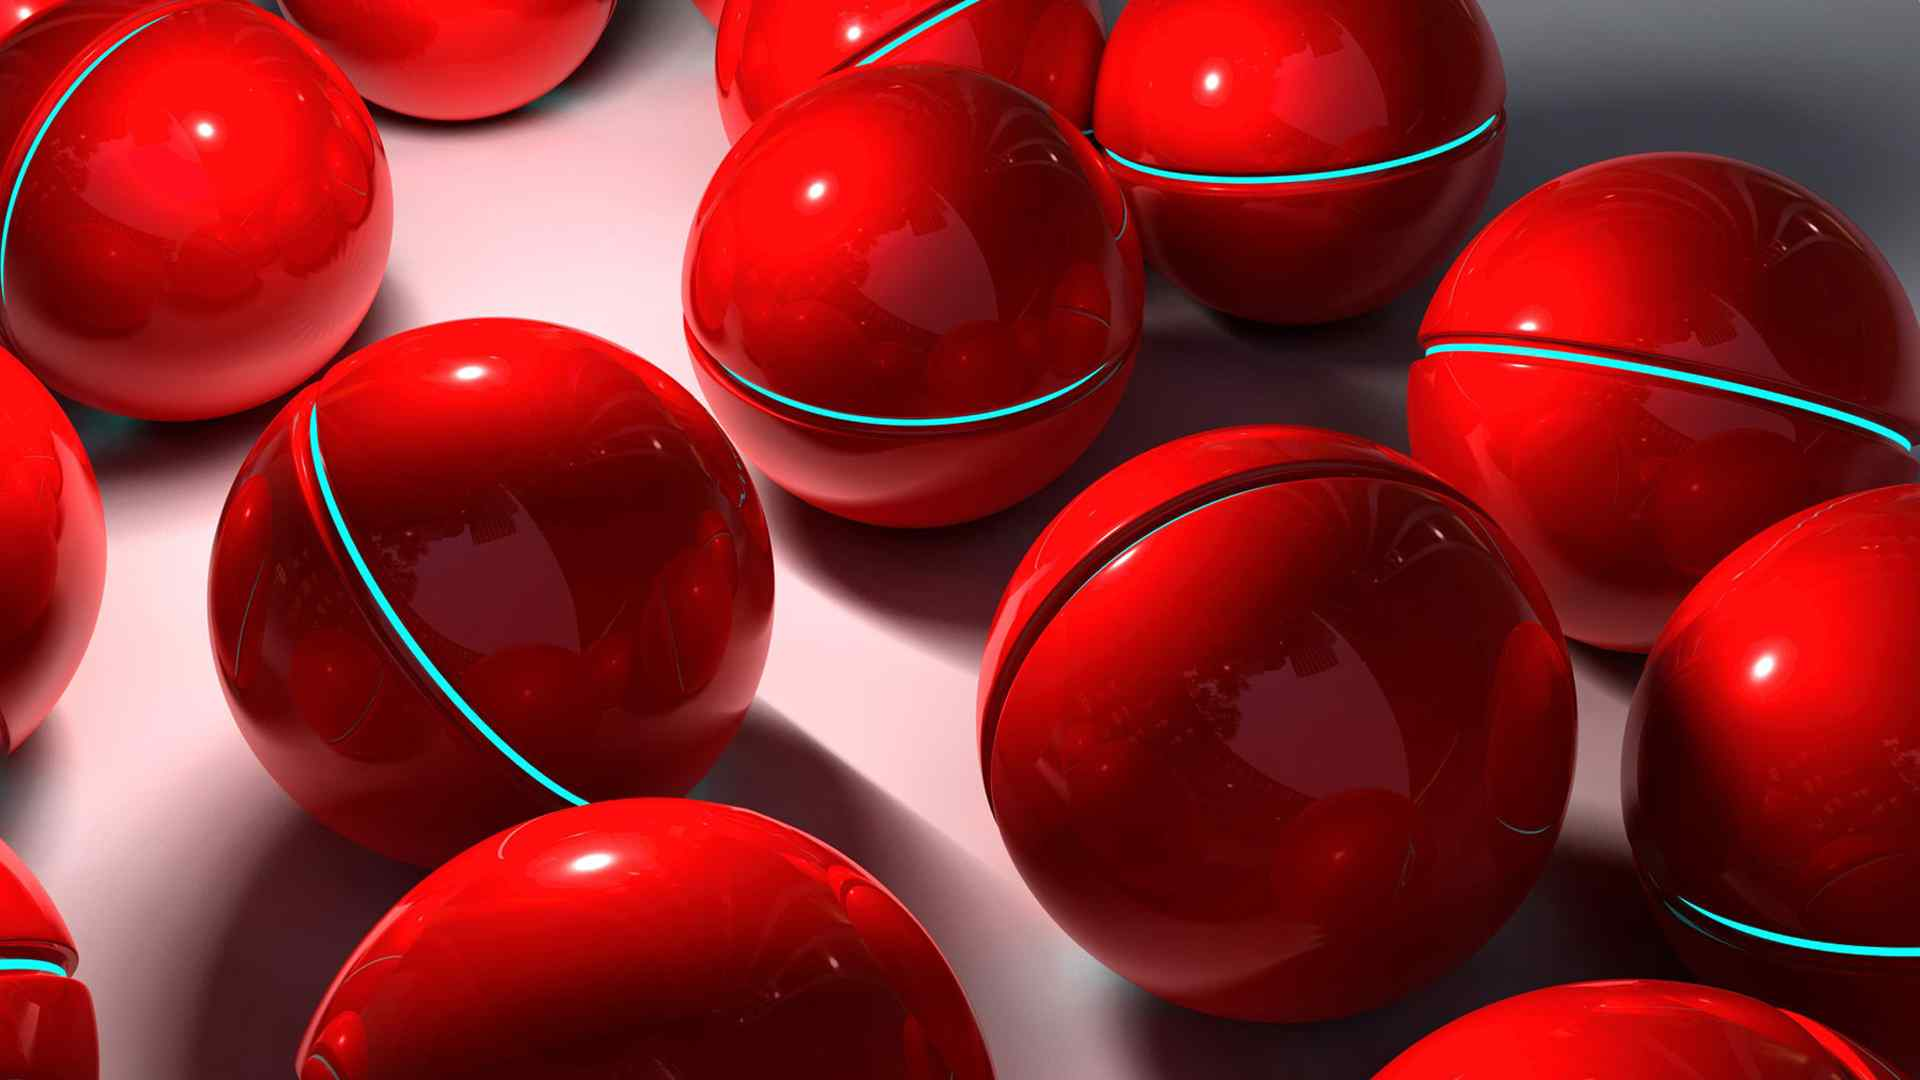 红色动感球体壁纸